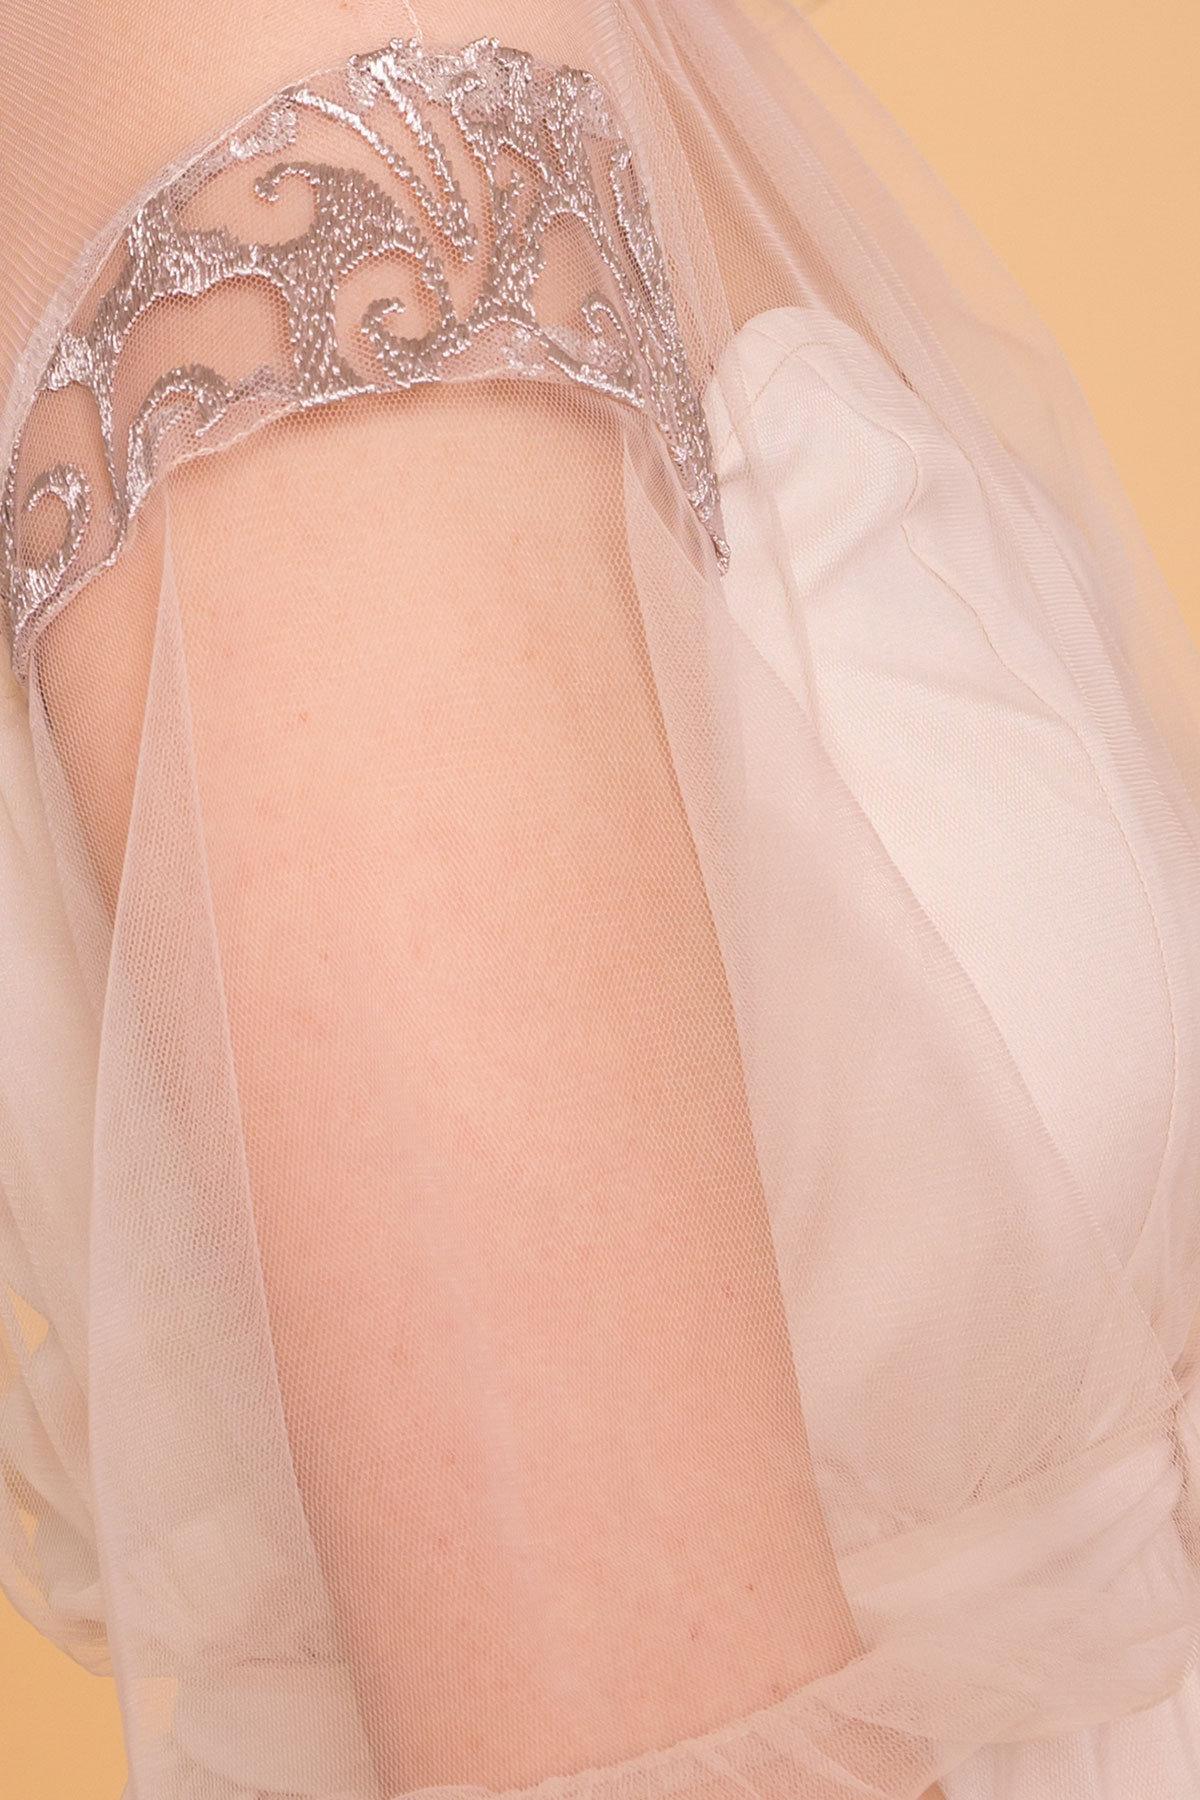 Нарядное Платье Фая 6649 АРТ. 41935 Цвет: Бежевый - фото 4, интернет магазин tm-modus.ru